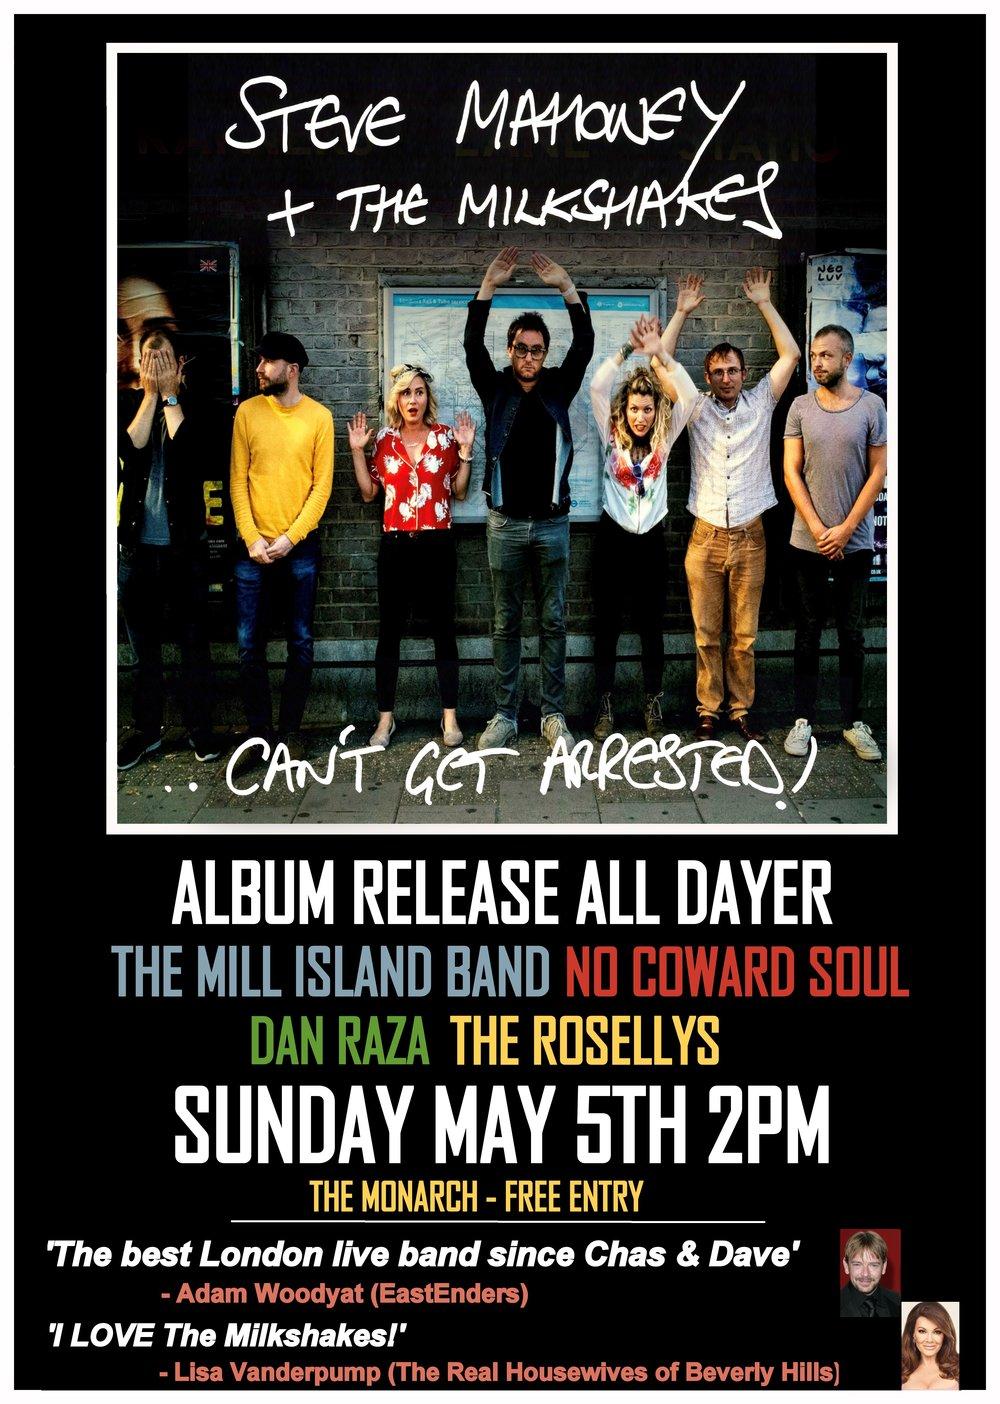 Steve Mahoney & The Milkshakes Album Release